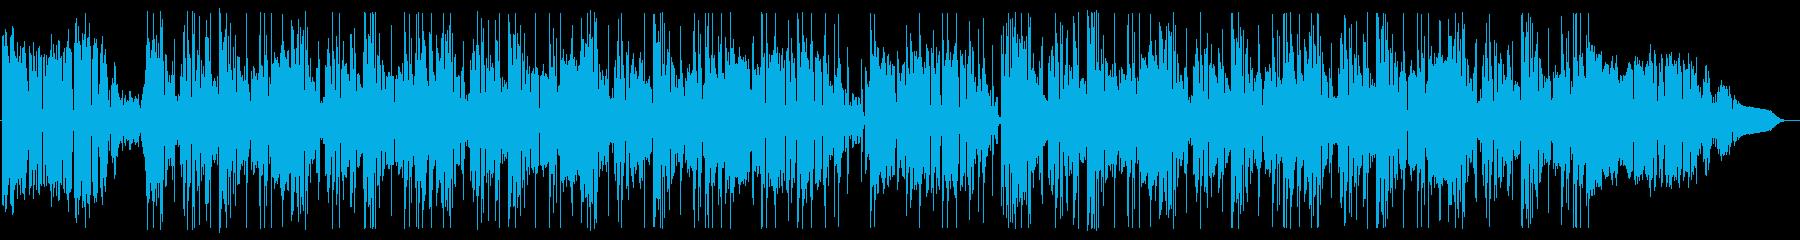 ファンキーなクラブジャズサウンドの再生済みの波形